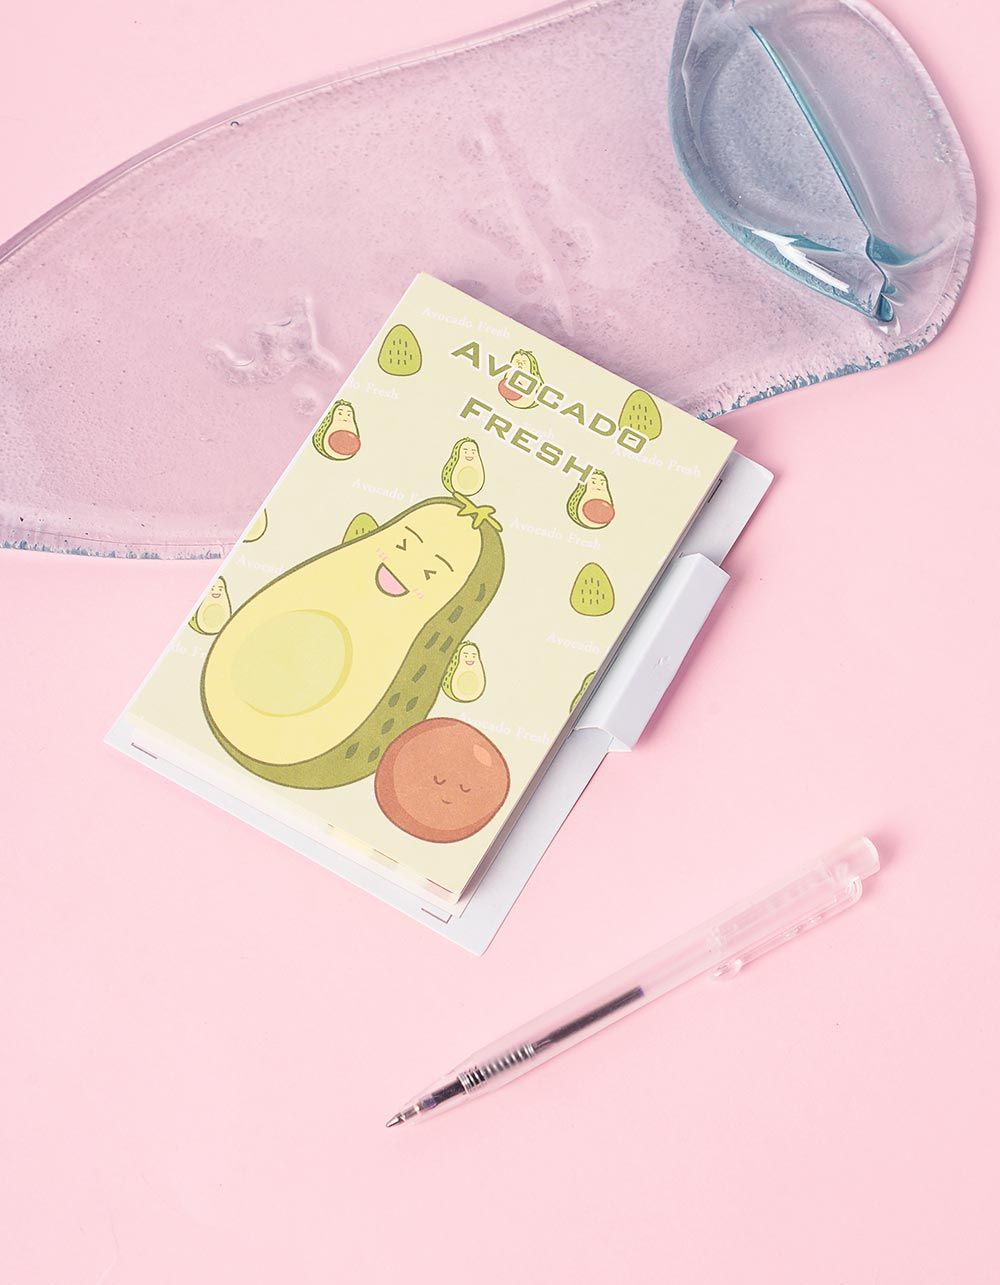 Блокнот із принтом авокадо у комплекті з ручкою | 239930-19-XX